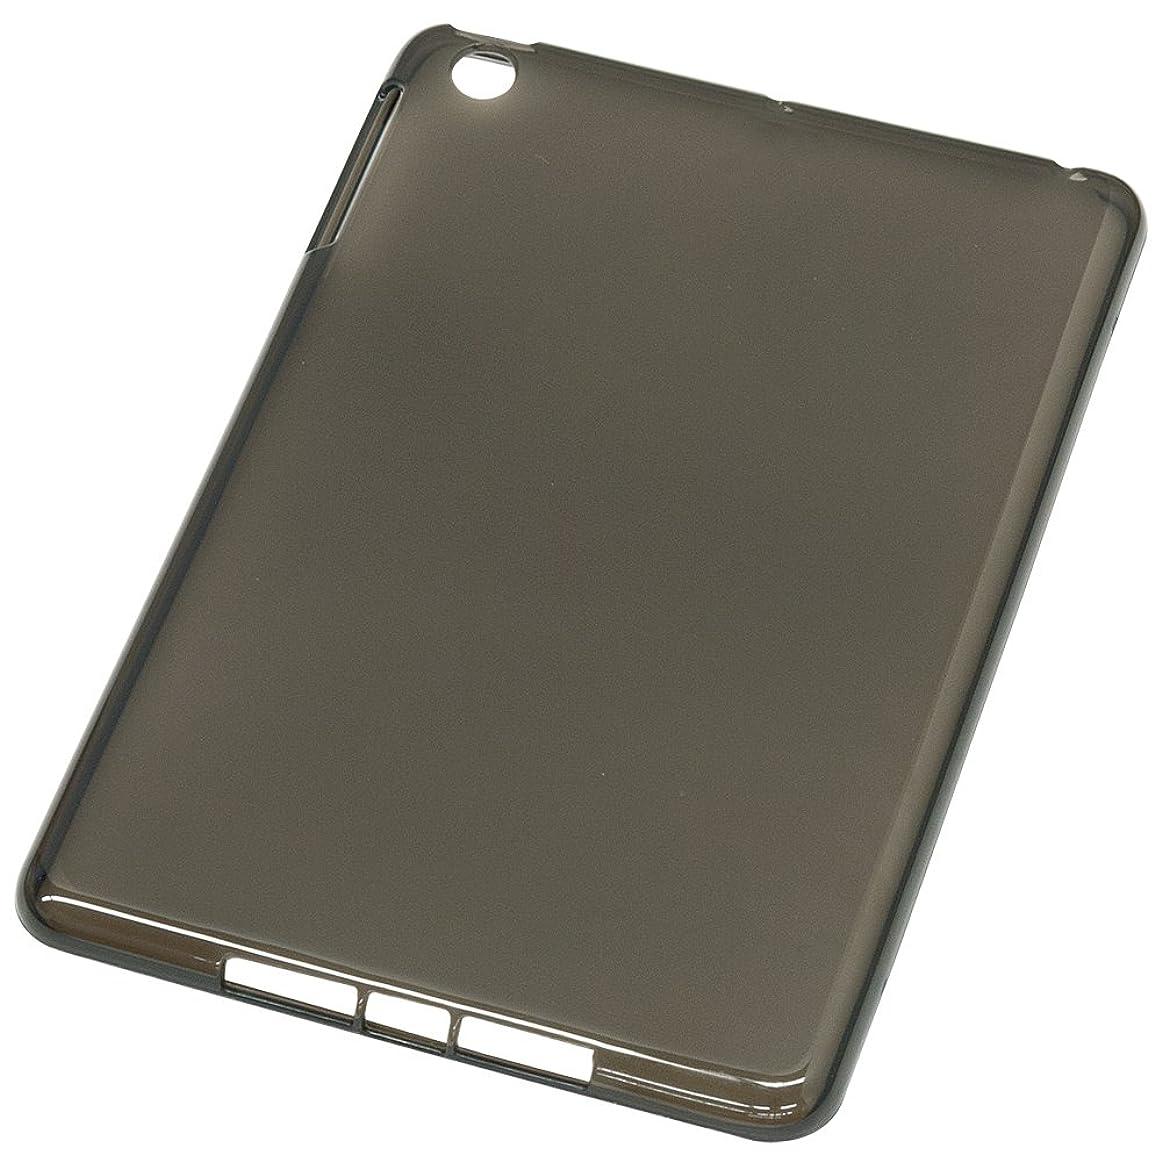 器具講堂連鎖iPad mini用 TPUソフトケース (液晶保護フィルム?クリーナー付) ブラック IPM-12SC01BK